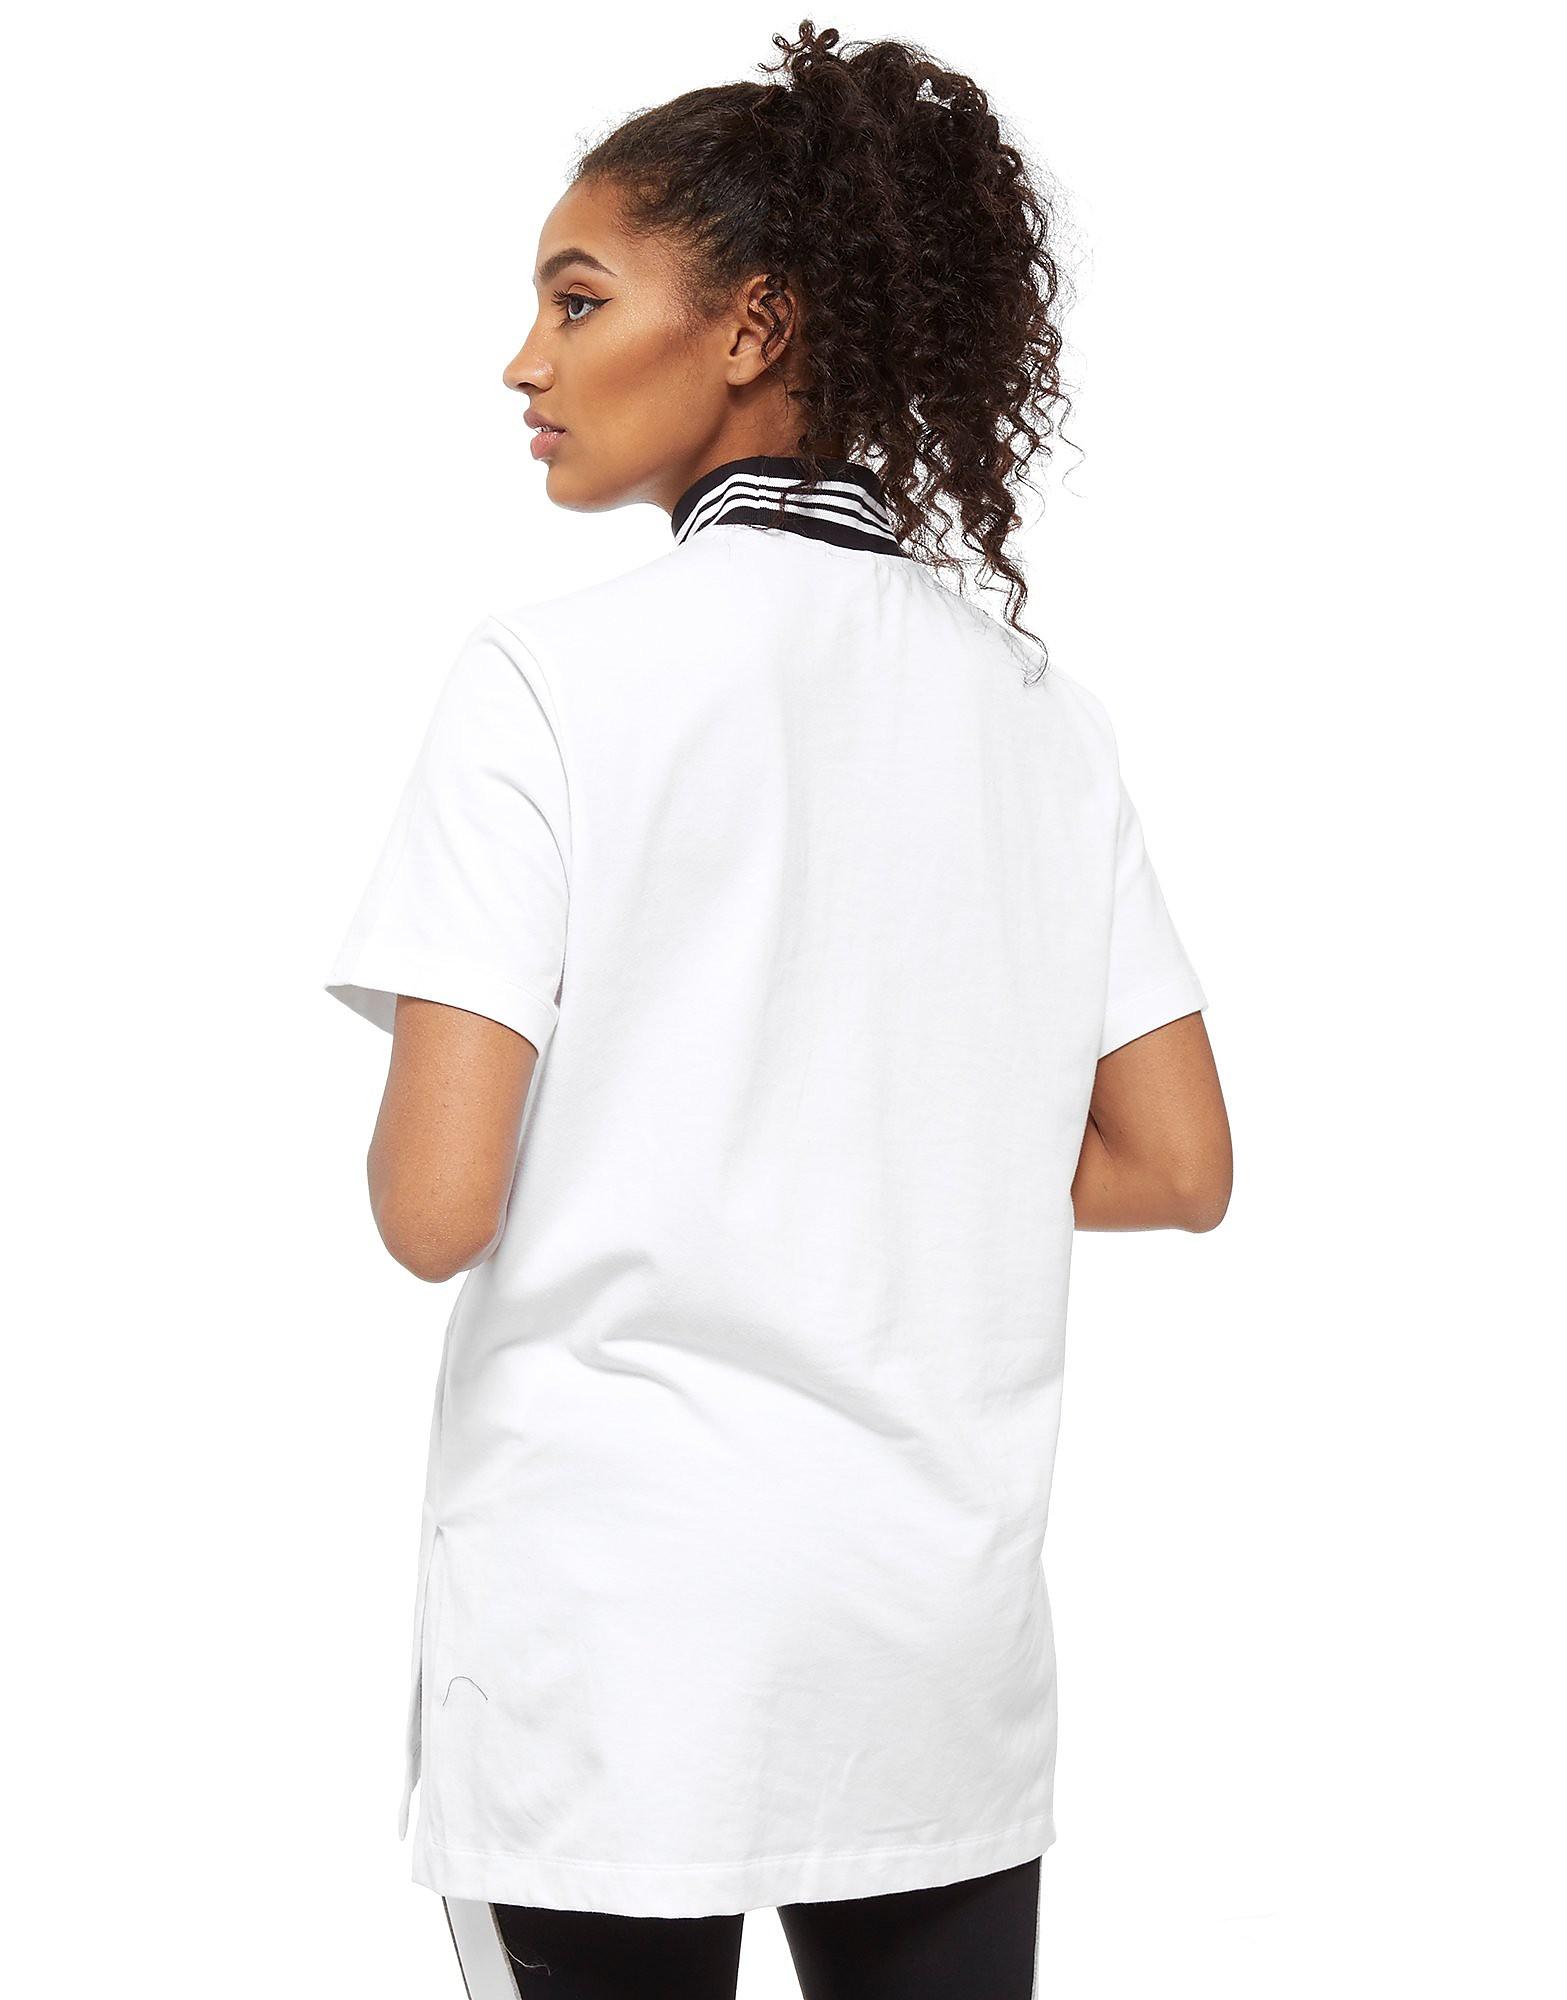 adidas Originals High Neck Short Sleeve T-Shirt Dress